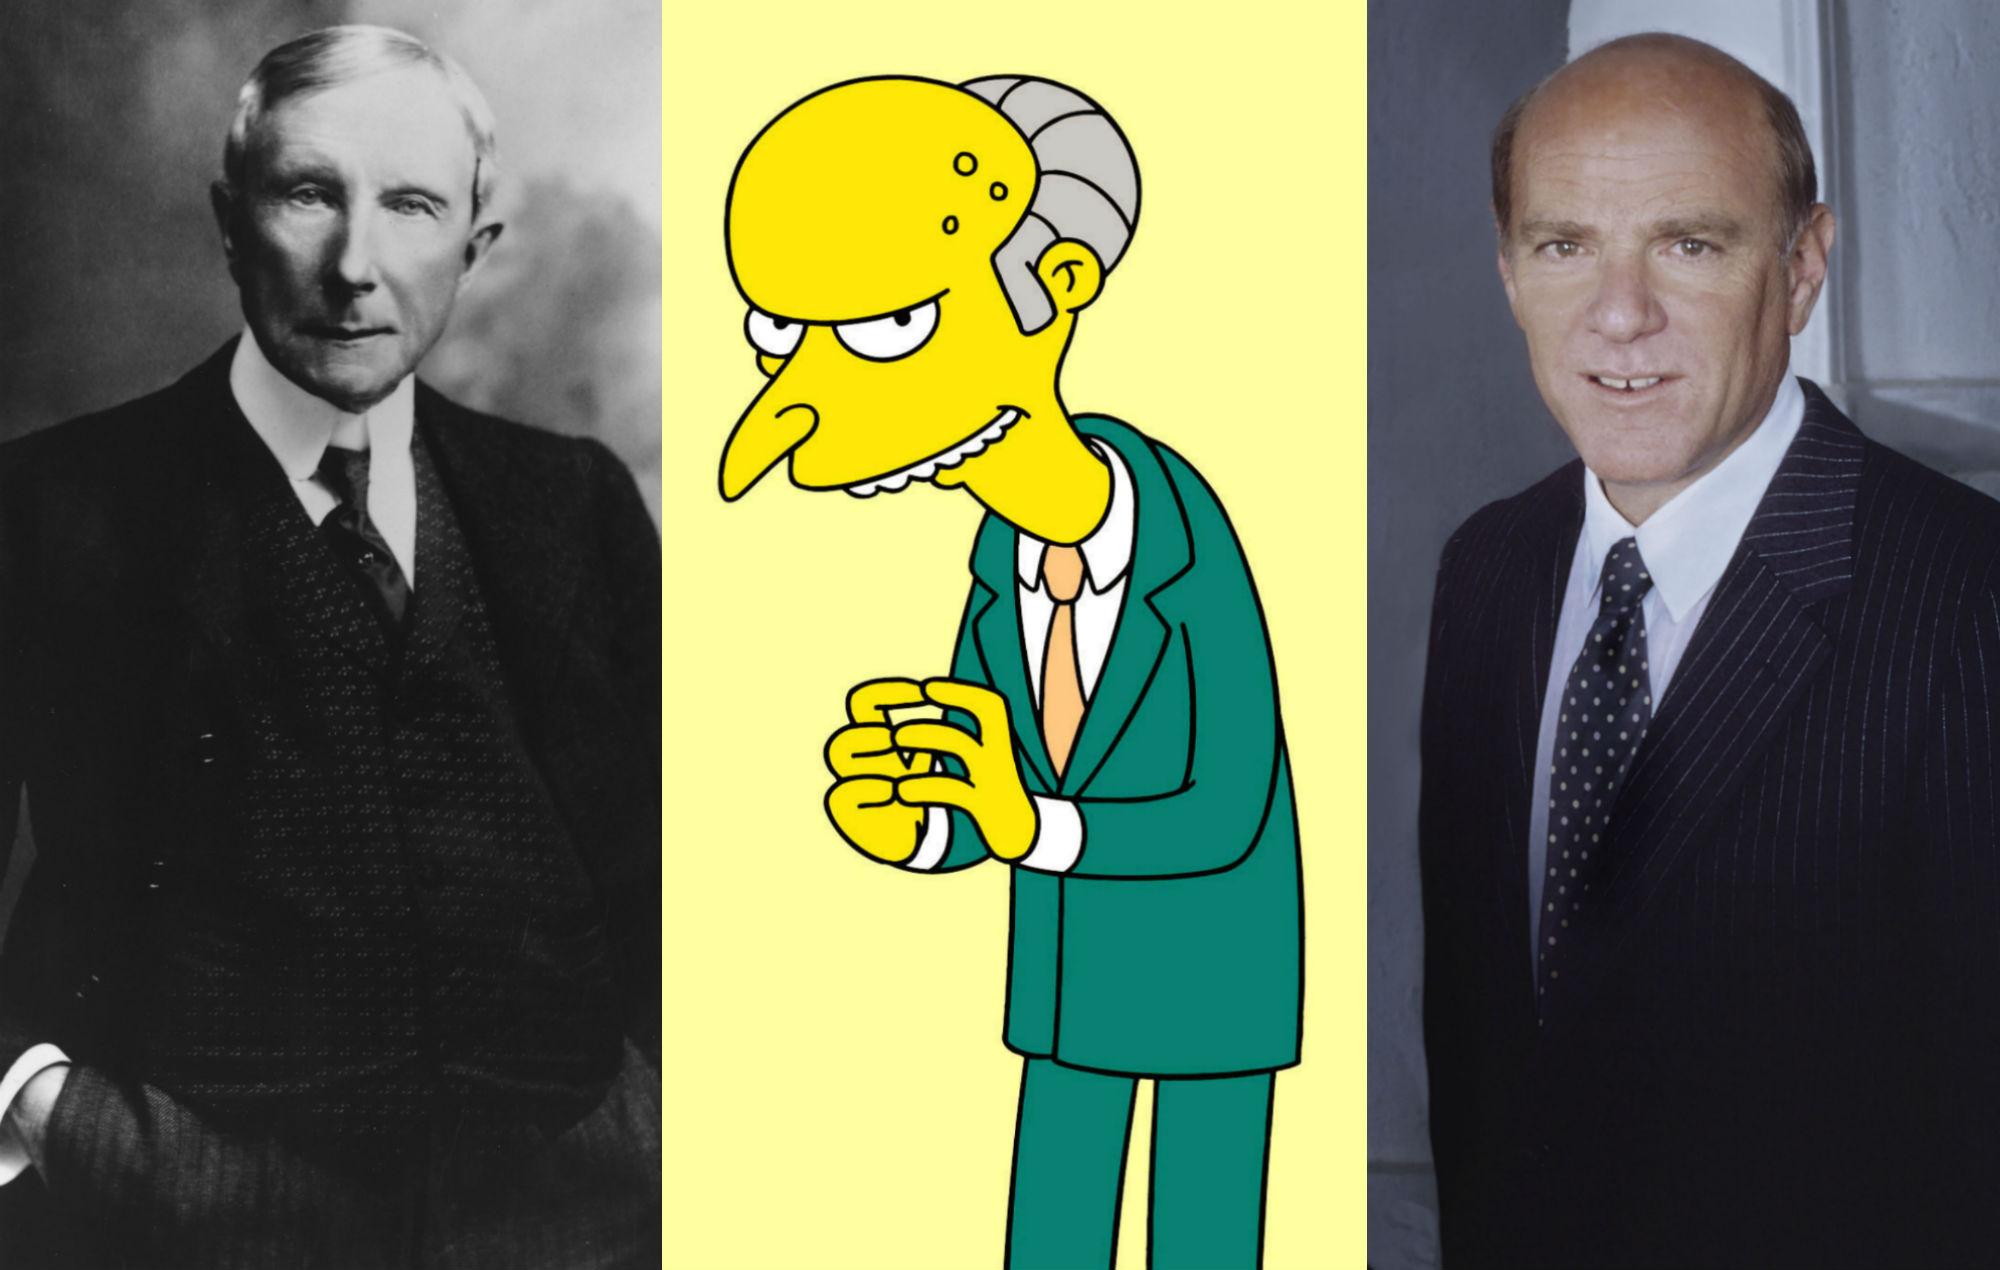 John D. Rockefeller / Mr. Burns / Barry Diller simpsons